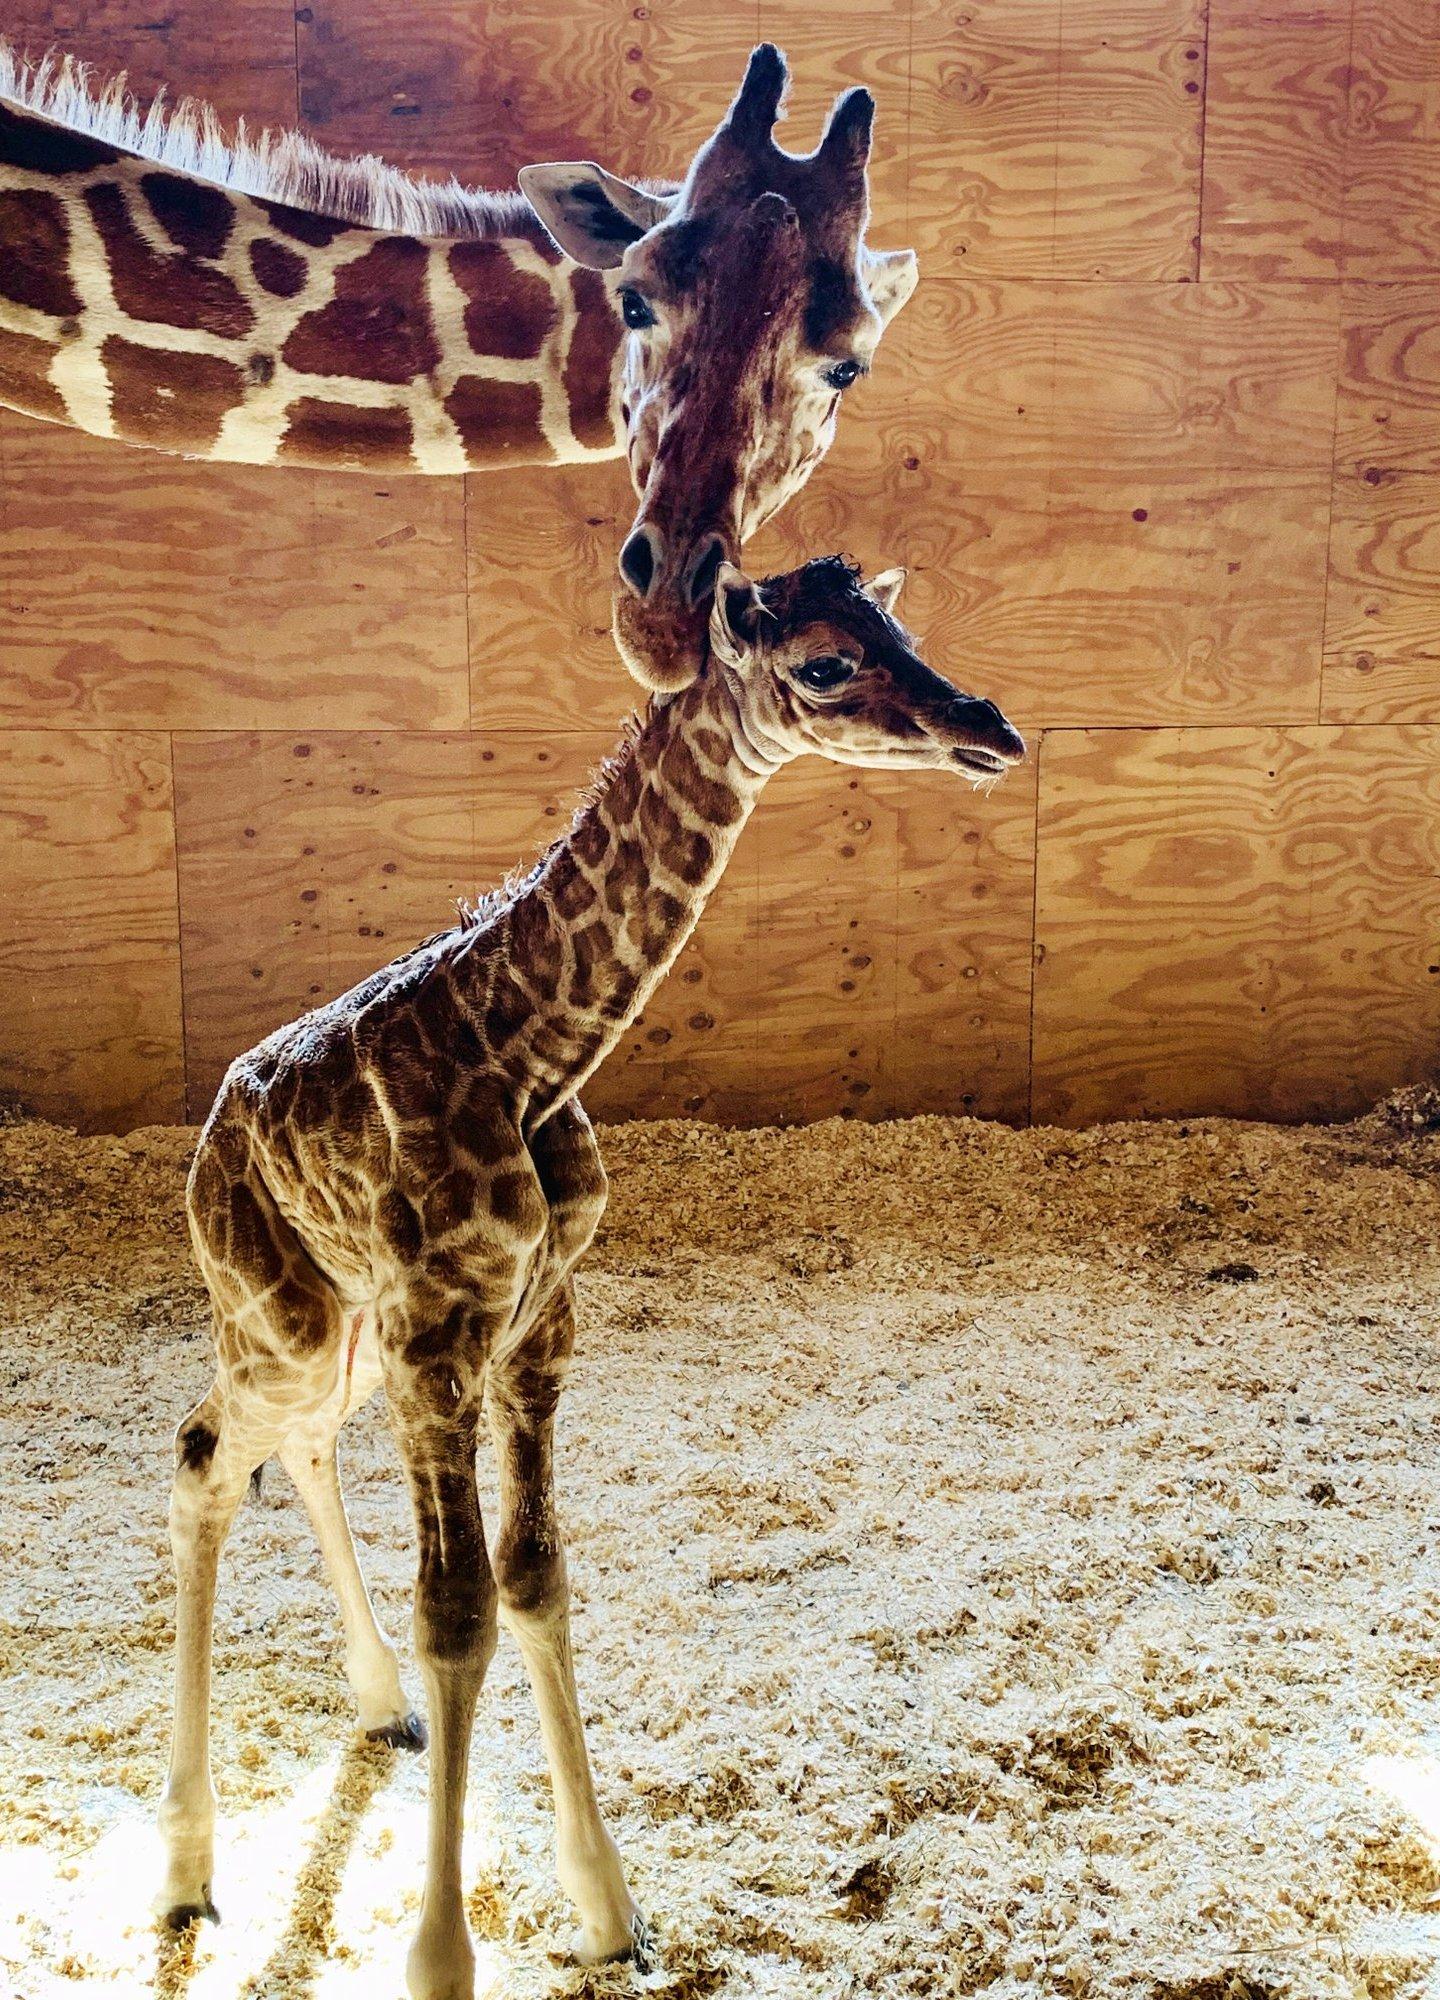 AprilTheGiraffe2000 (4)_1559859021152.jpeg.jpg